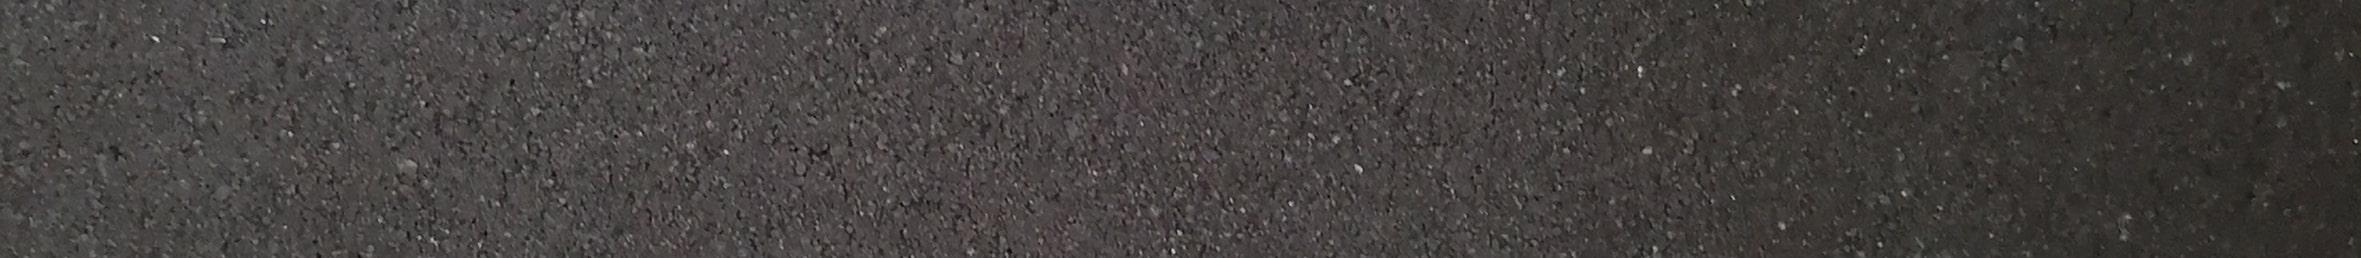 Fugenmörtel - Fugenfarbe 1005